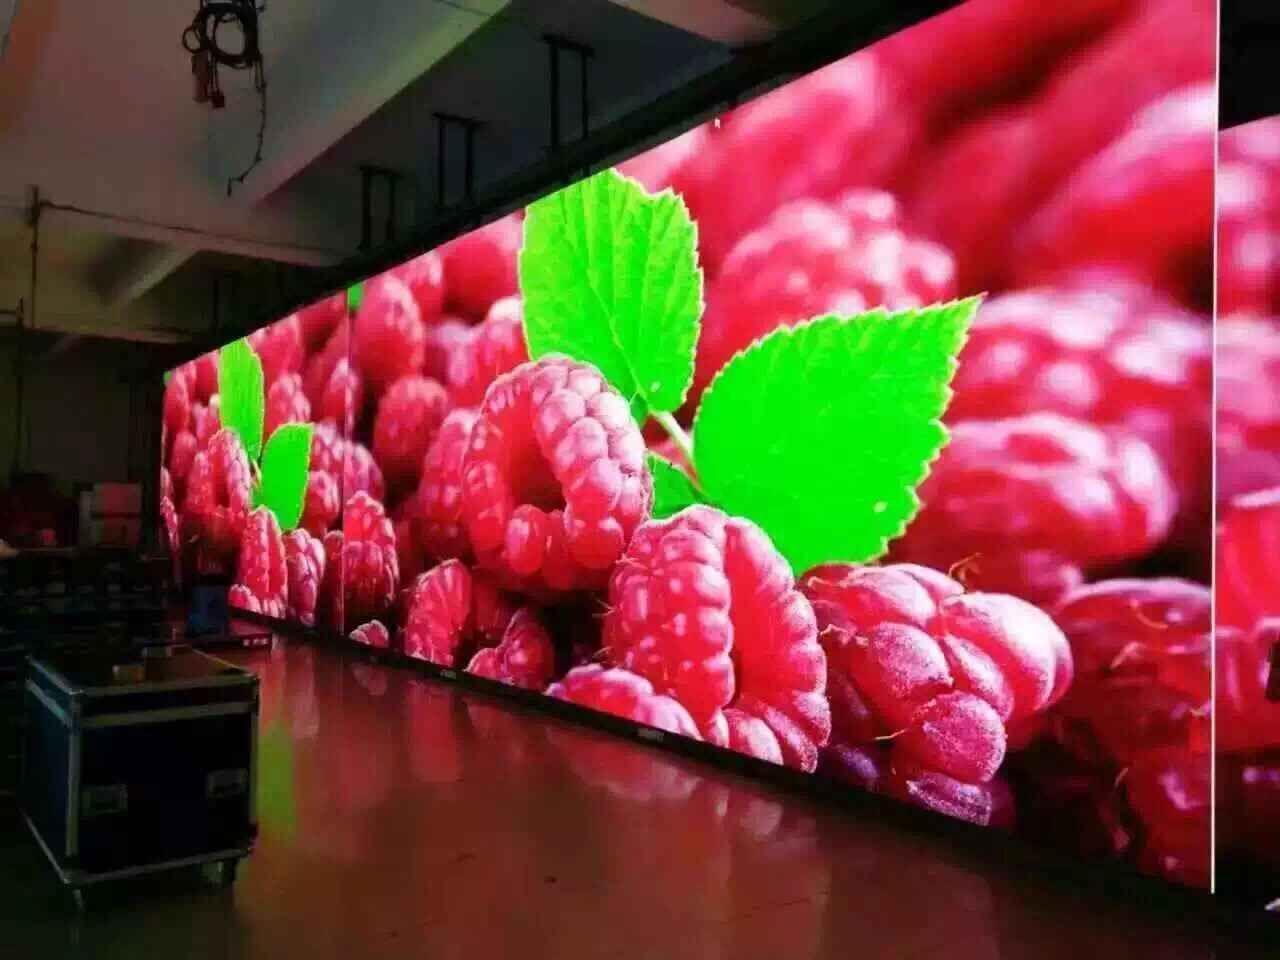 泰美P2.5室内  led显示屏高清压铸箱体21007832